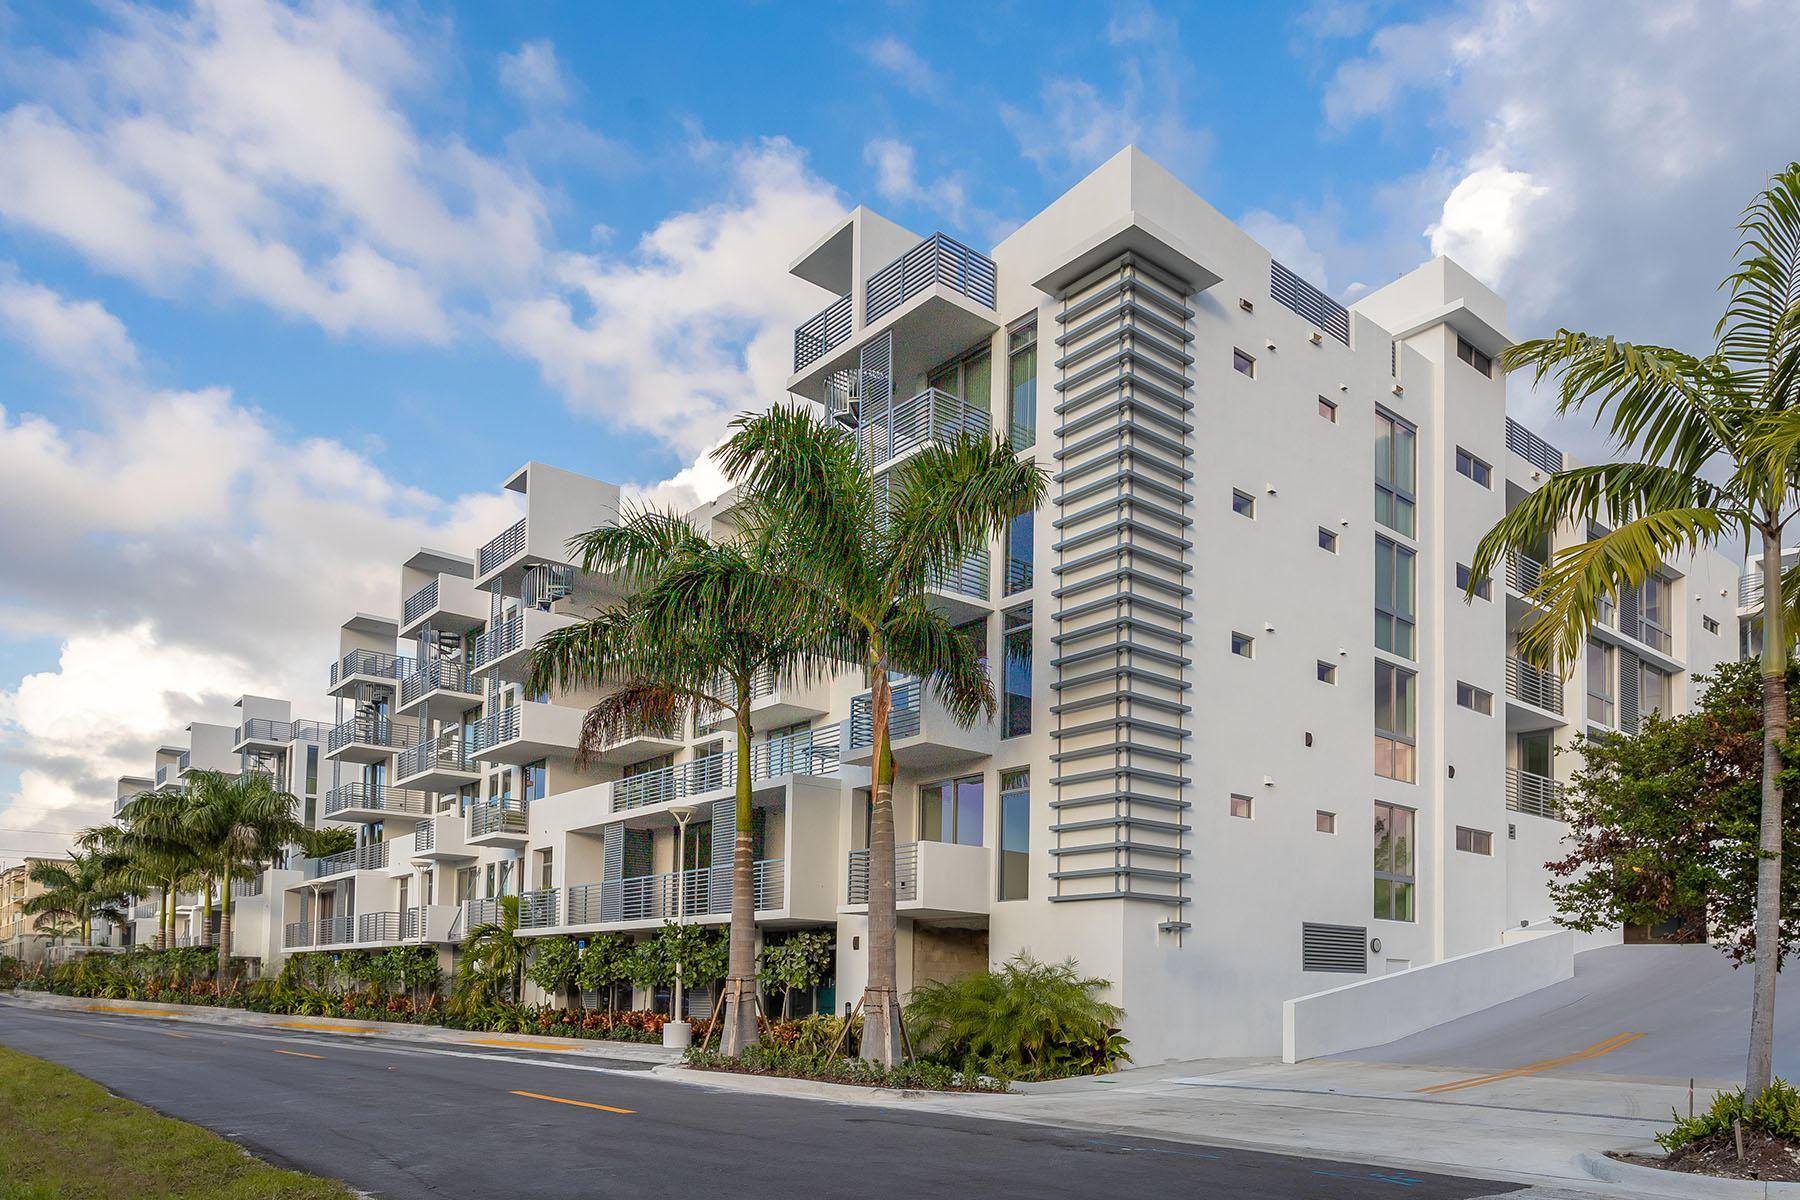 111 SE 1st Avenue #509, Delray Beach, FL 33444 - #: RX-10602743